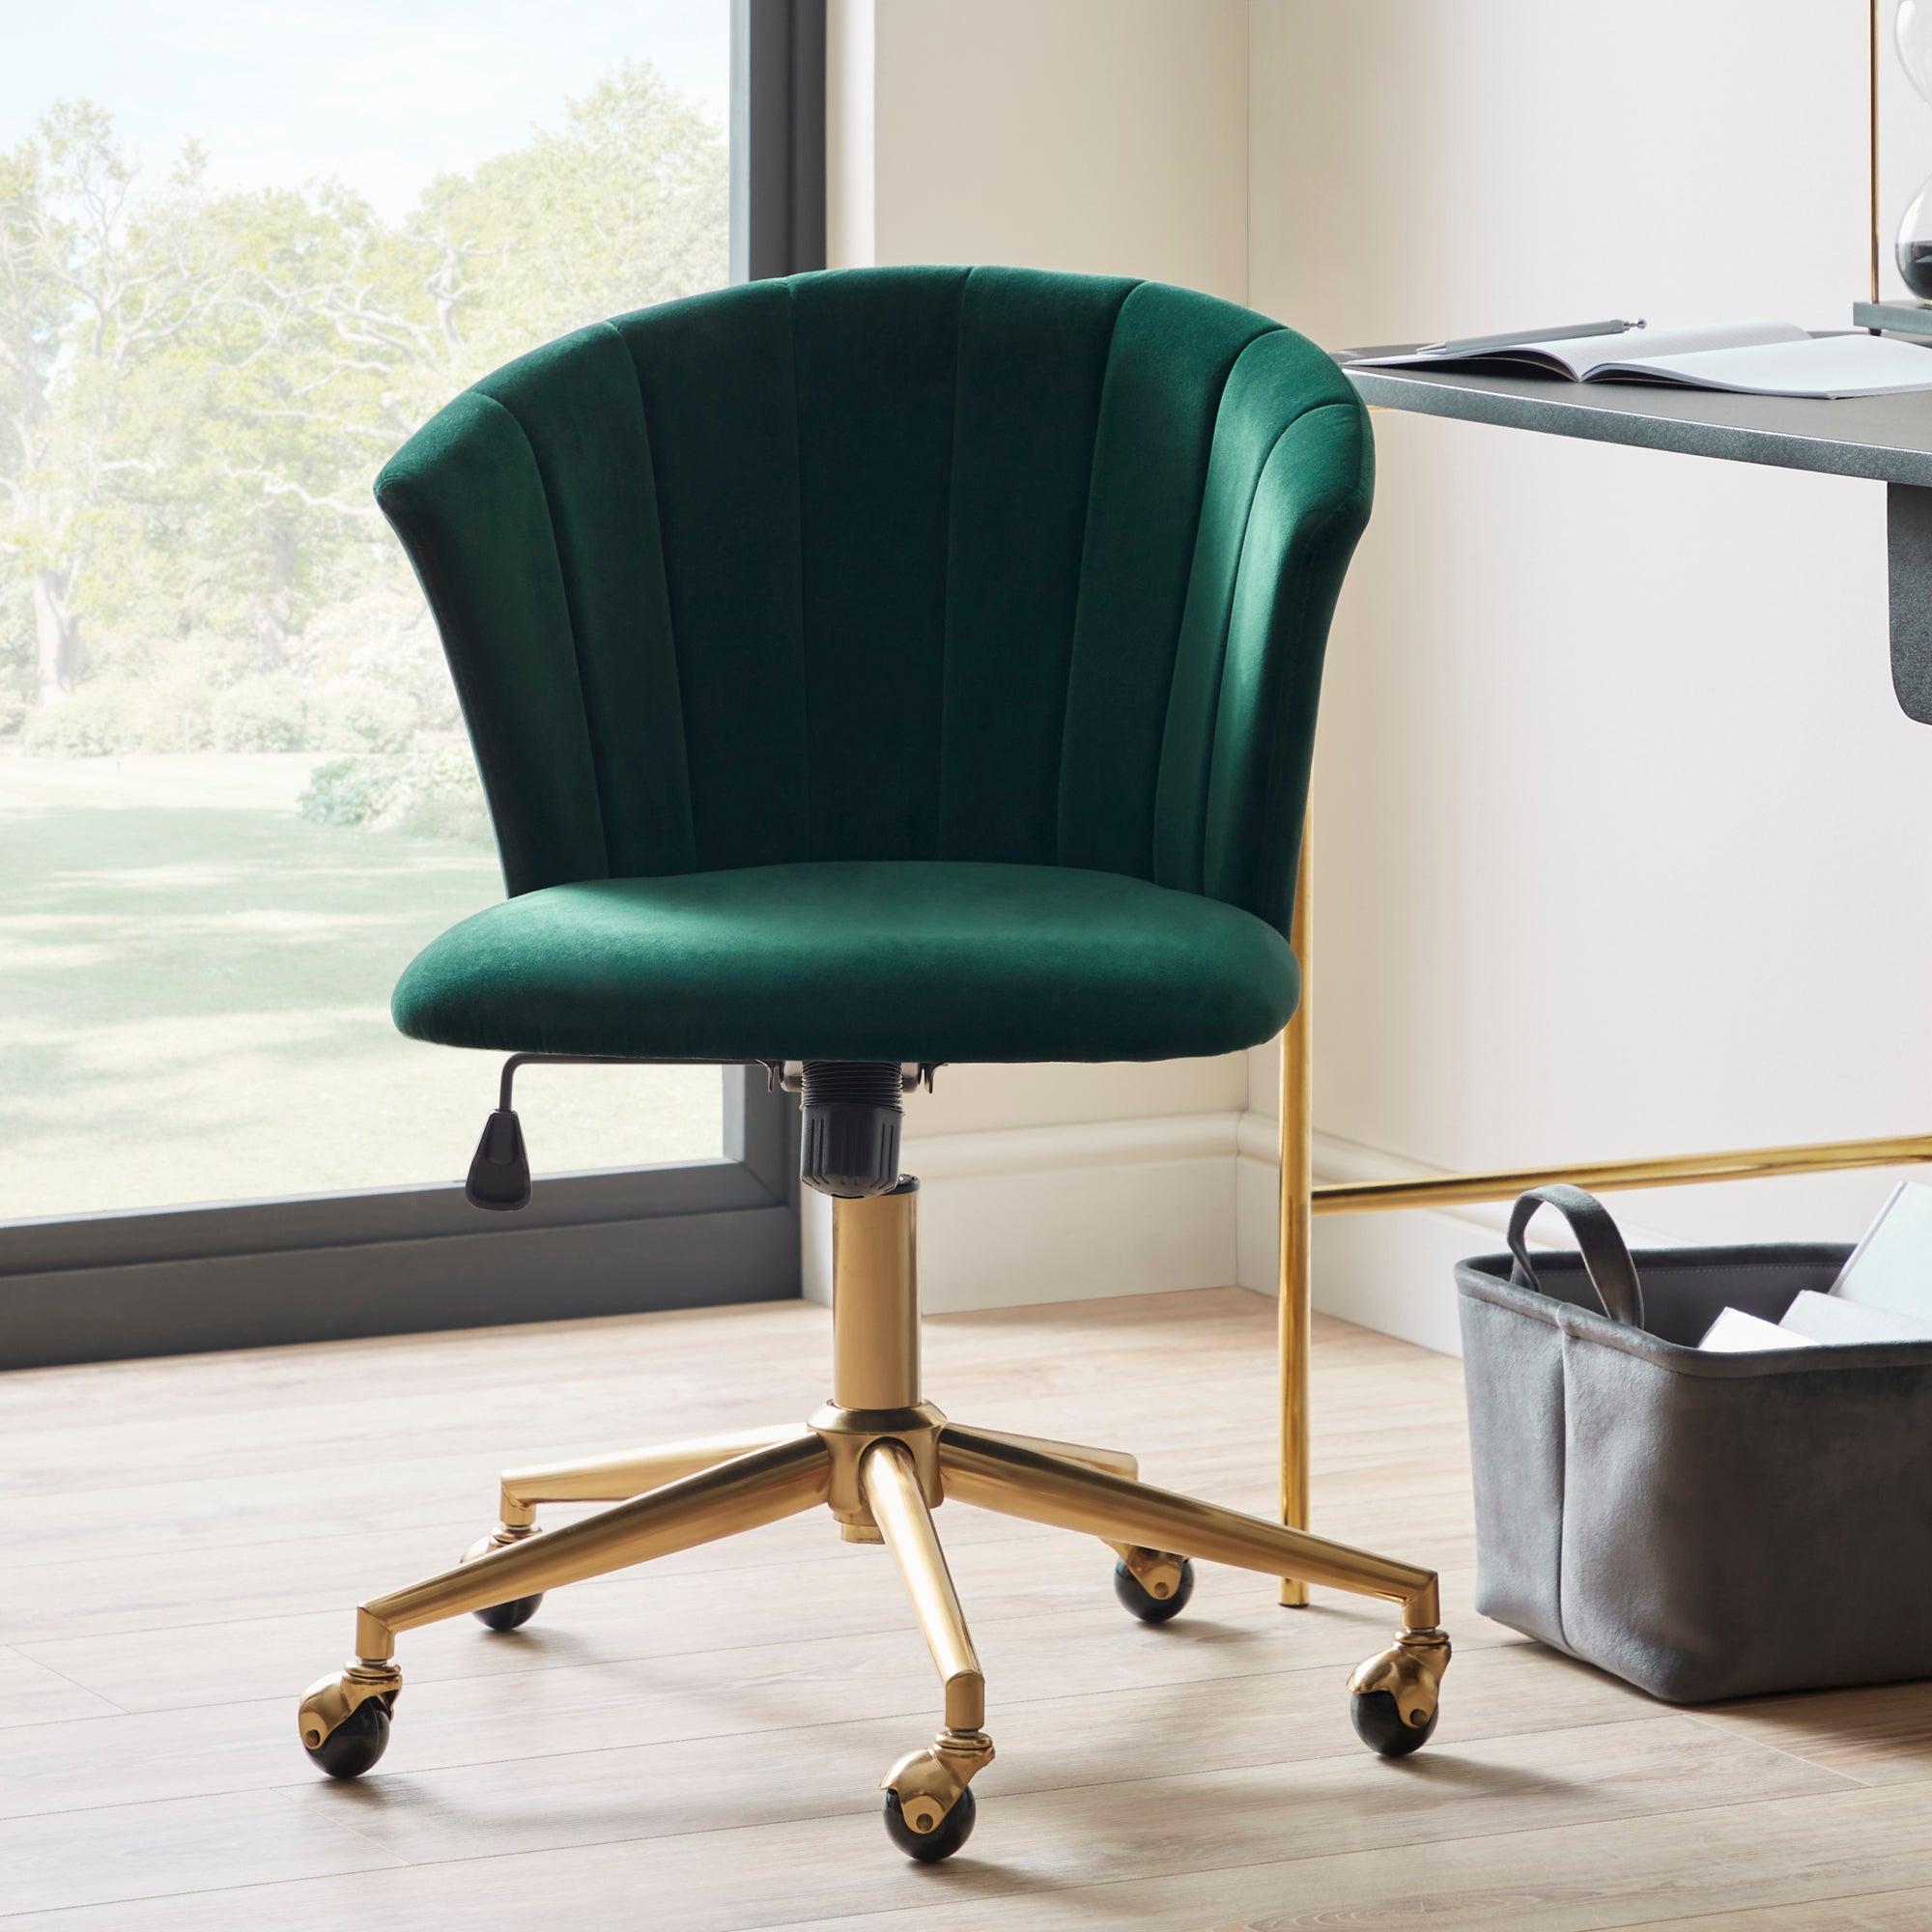 Kendall Velvet Office Chair Green/Brown